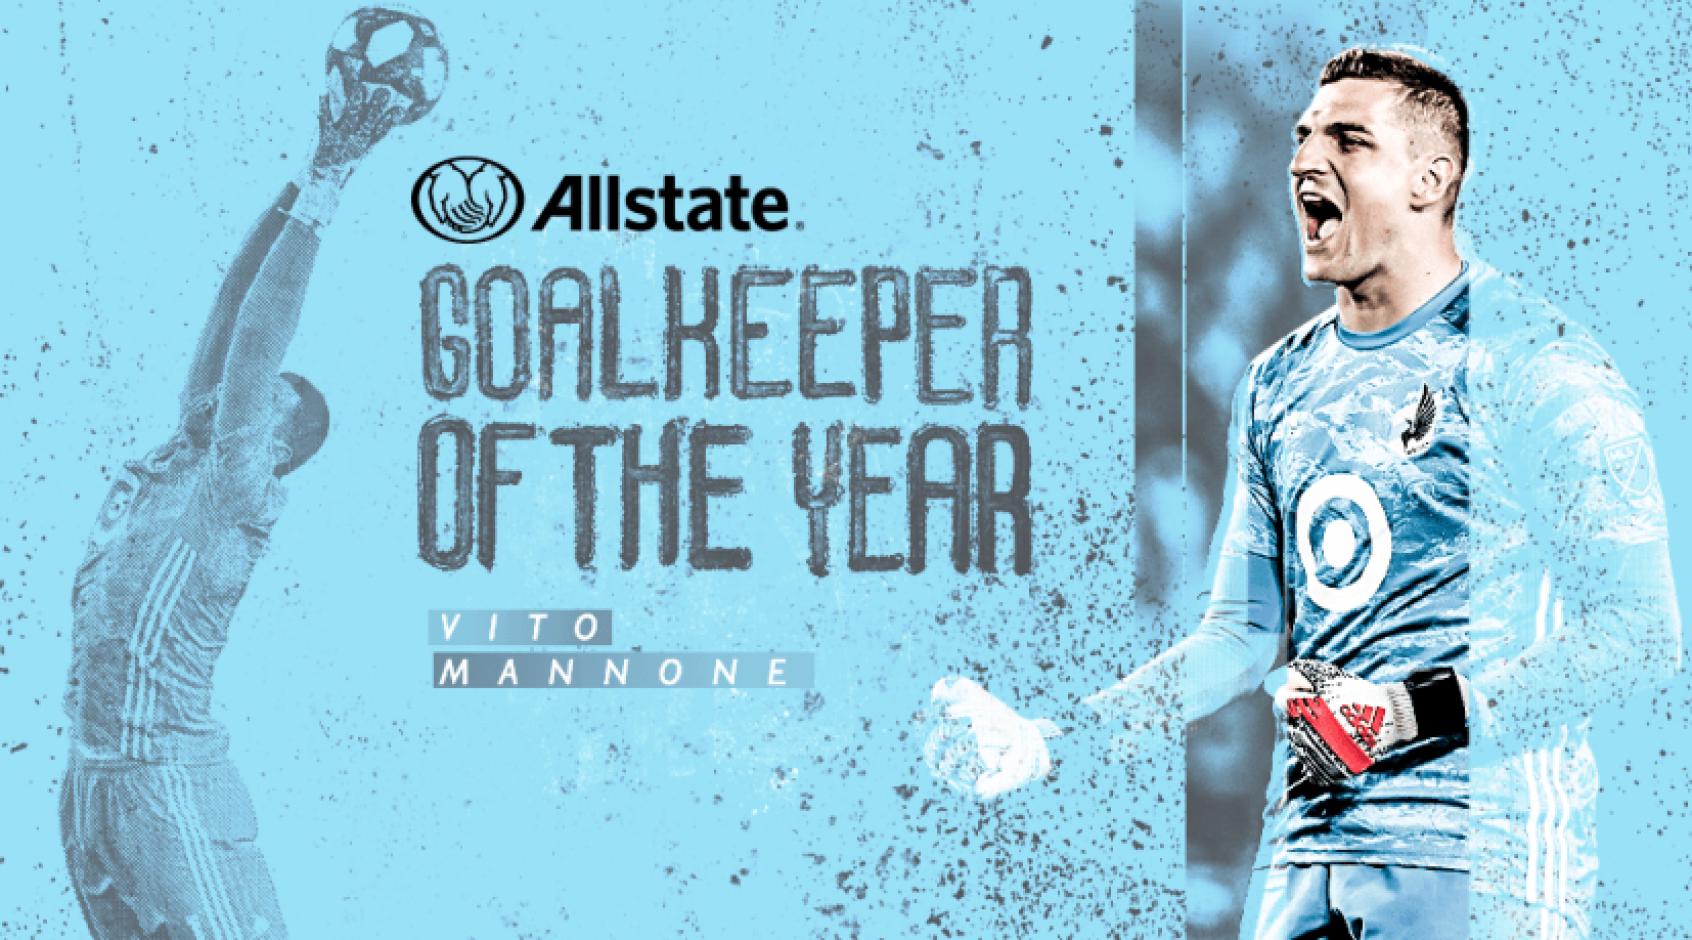 Вито Манноне - лучший вратарь сезона MLS